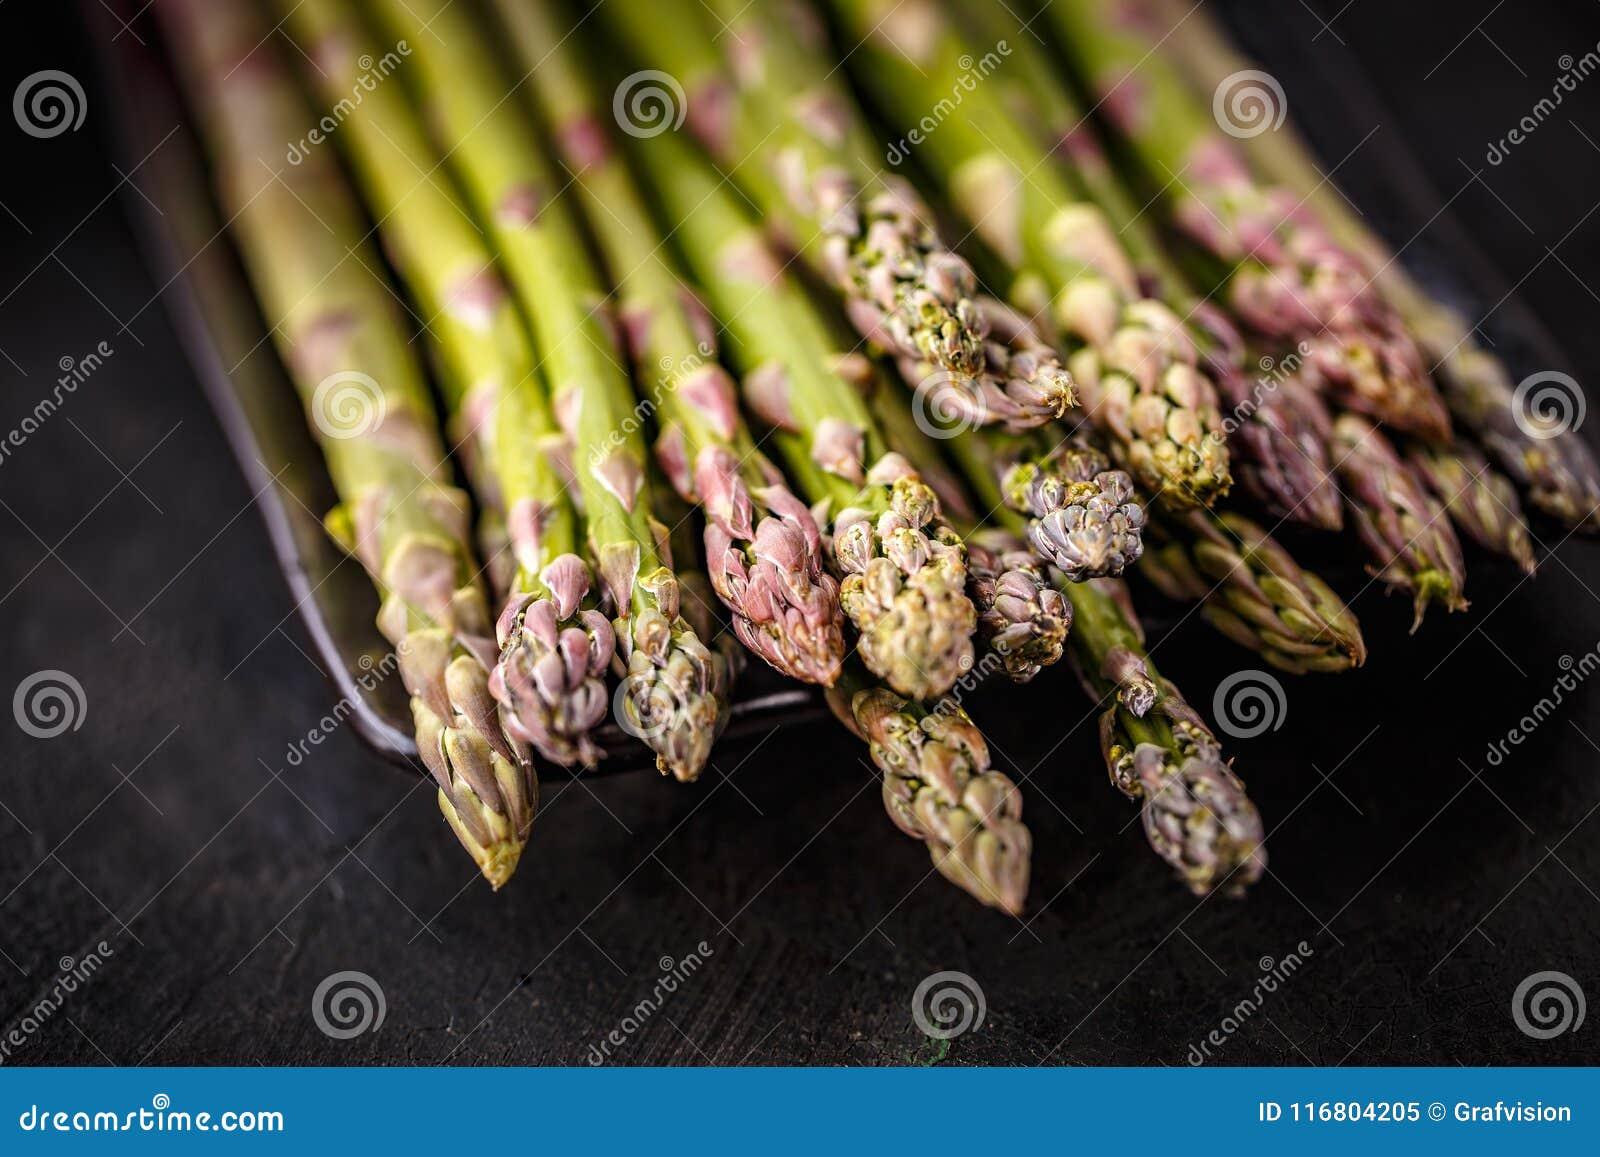 Mazzo di asparago fresco